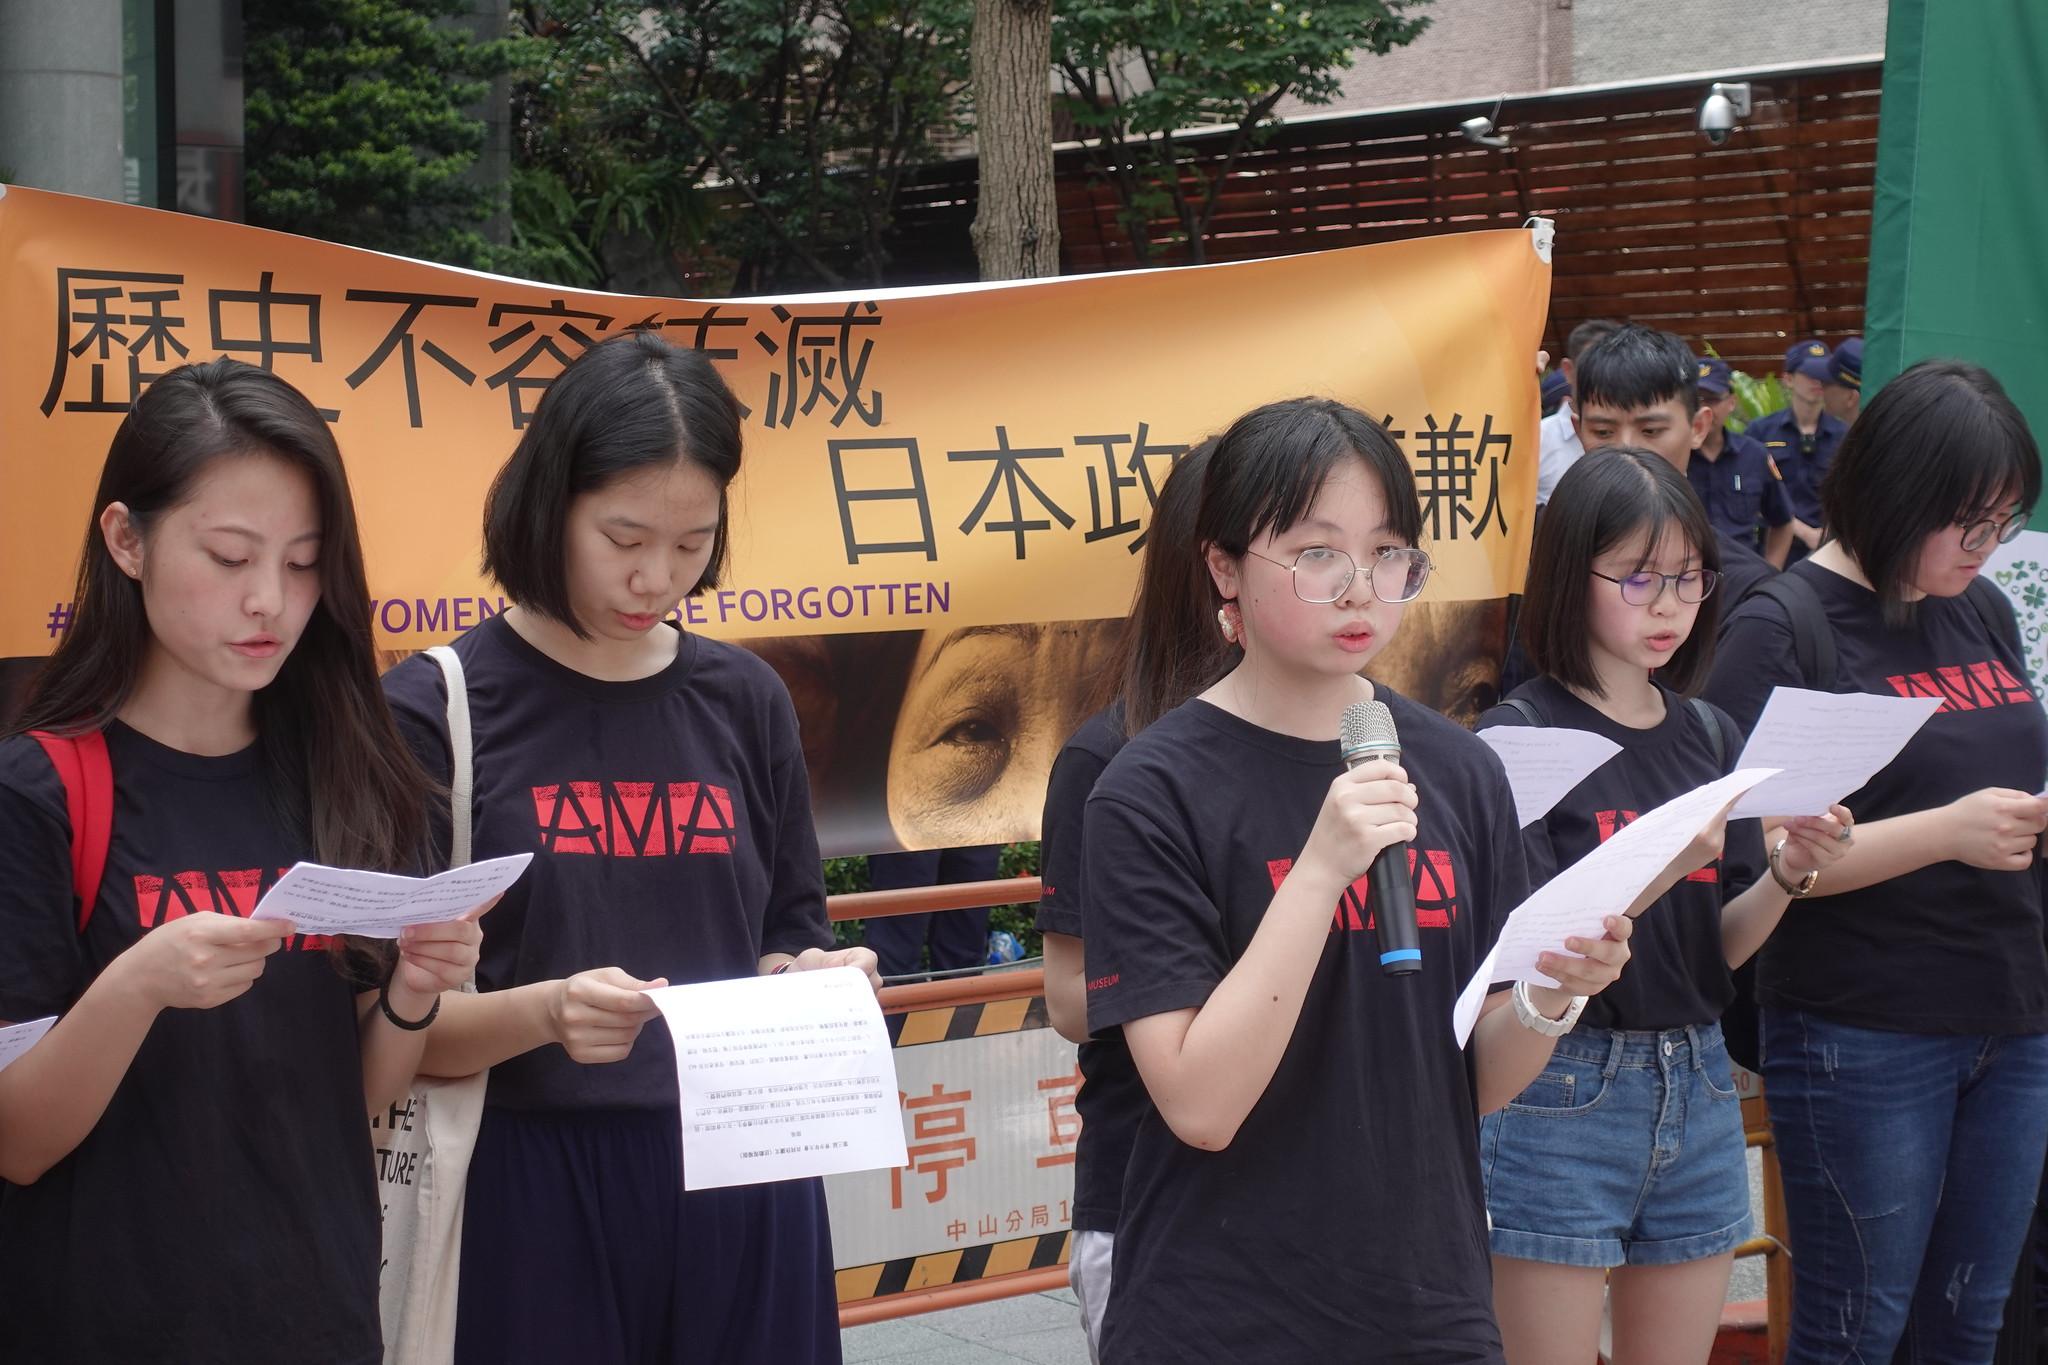 台灣青年學生也聲援慰安婦議題,要求日本政府道歉賠償。(攝影:張智琦)